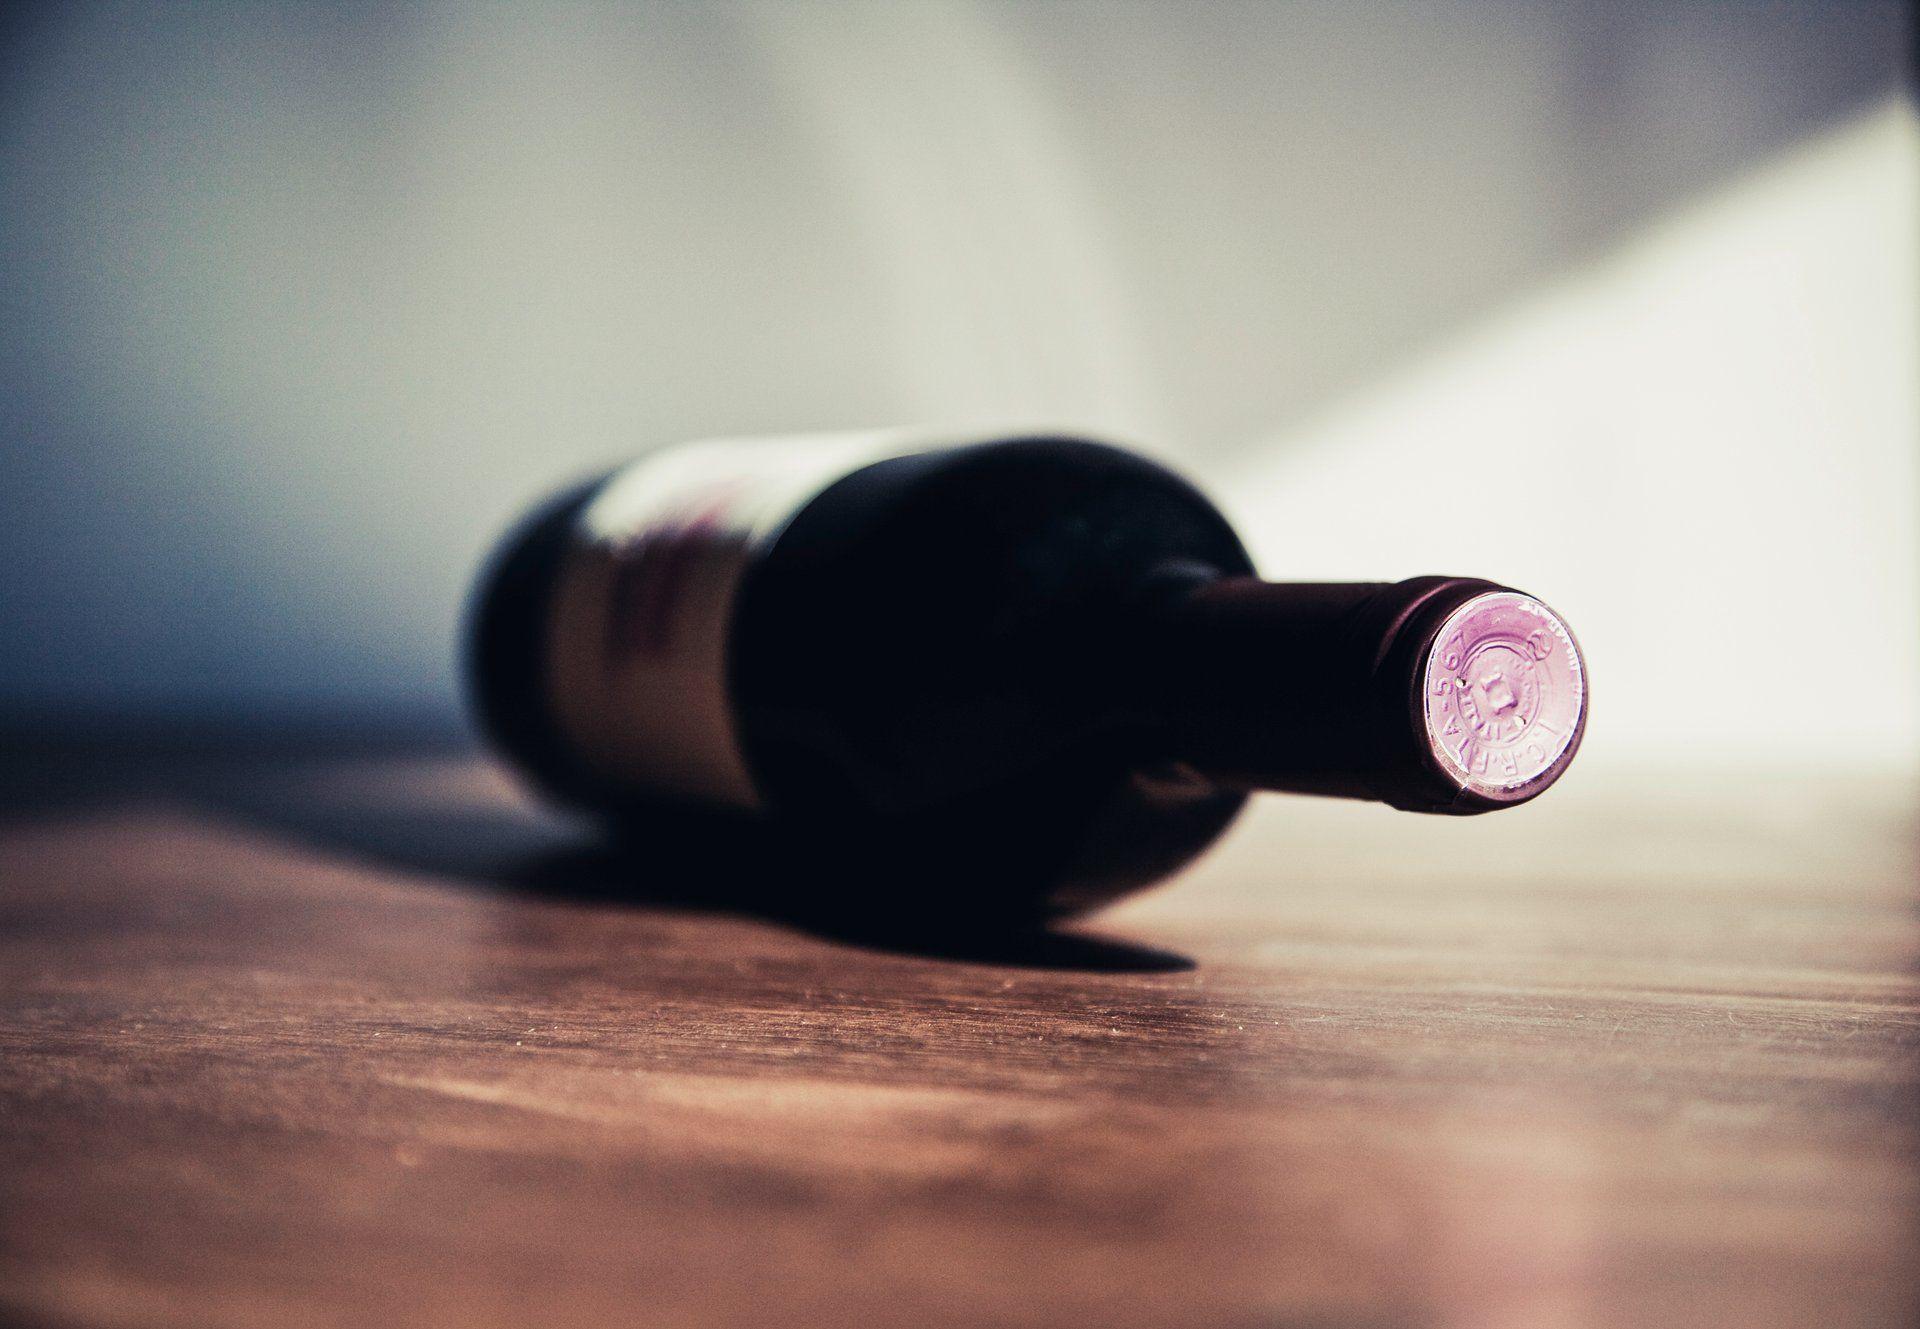 Red wine bottle; WSET Level 1